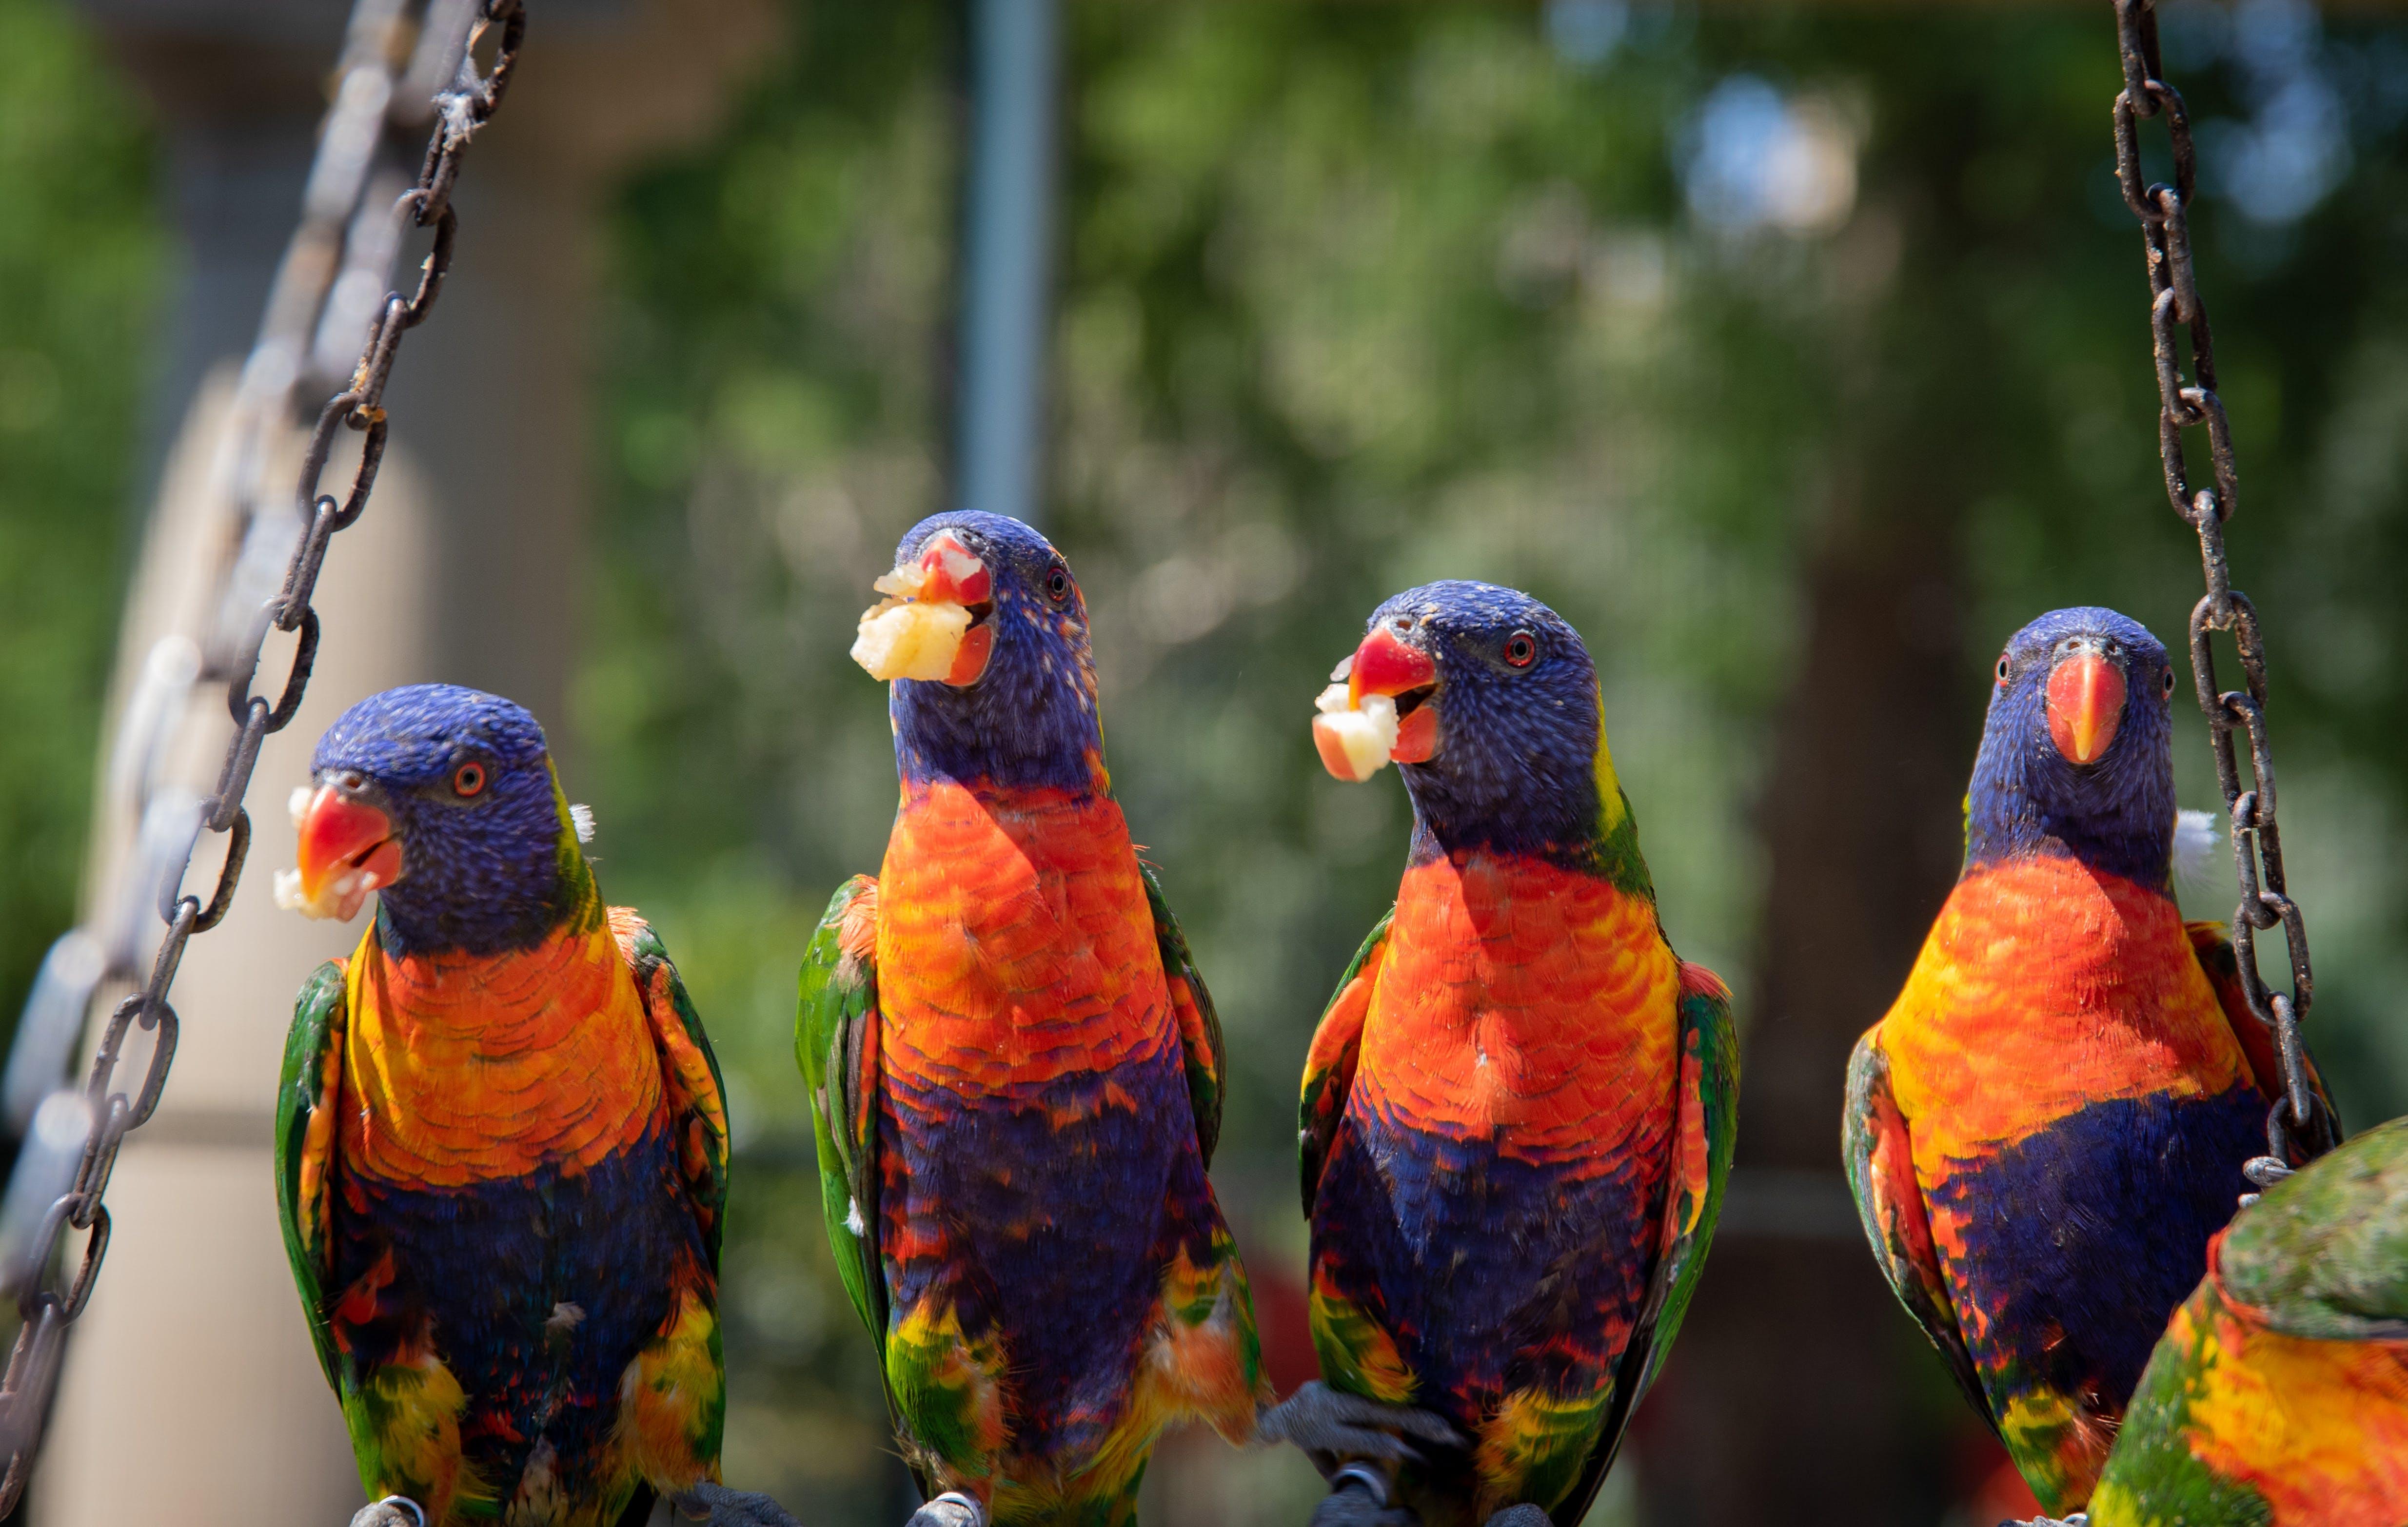 Close-Up Photo of Four Parrots